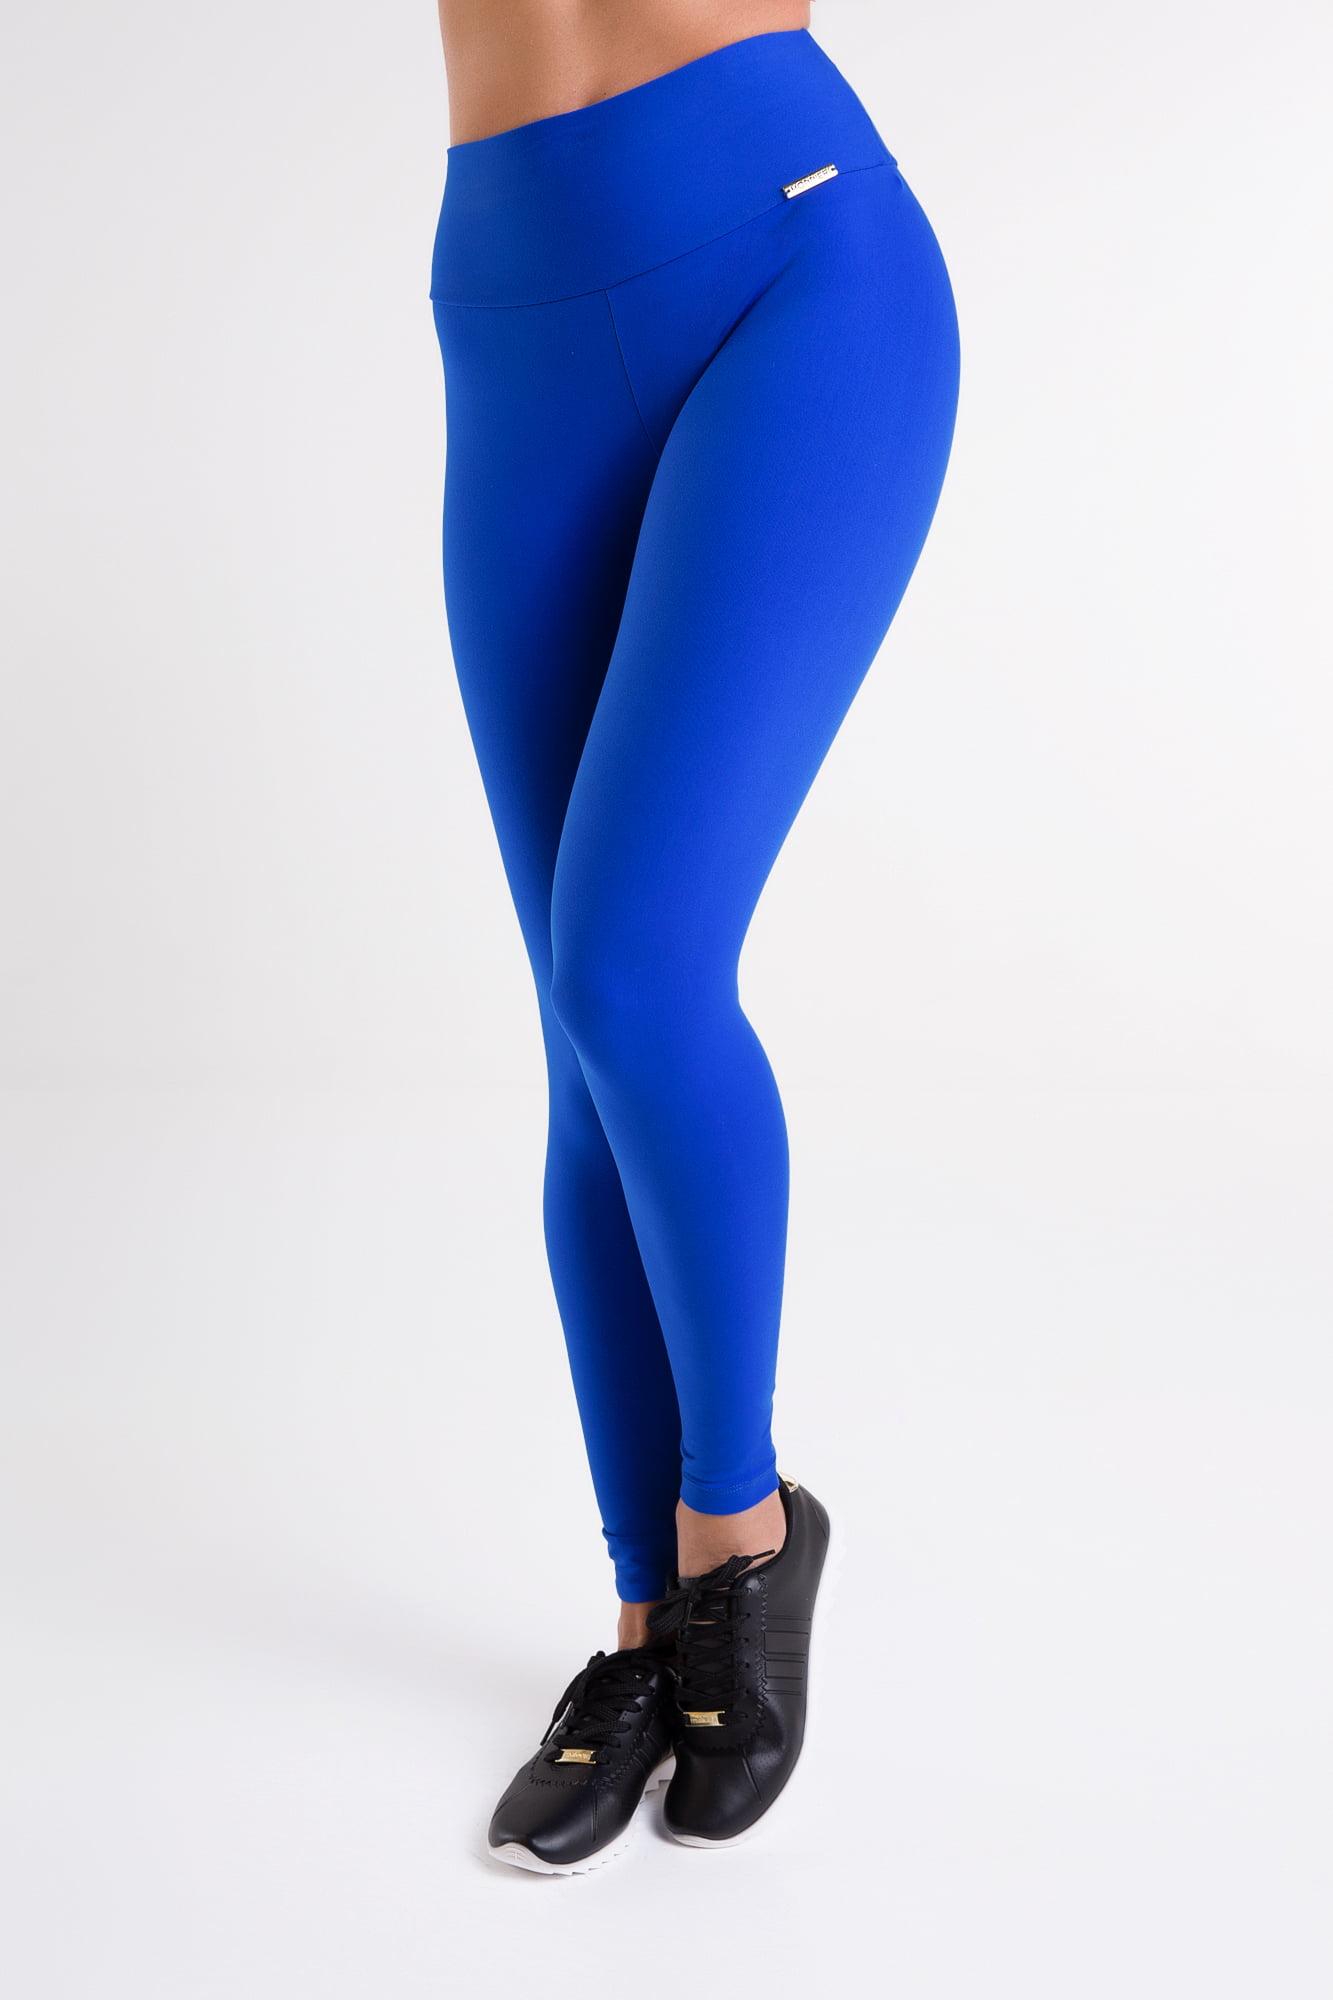 Legging Preta   Qualidade, Conforto e Durabilidade